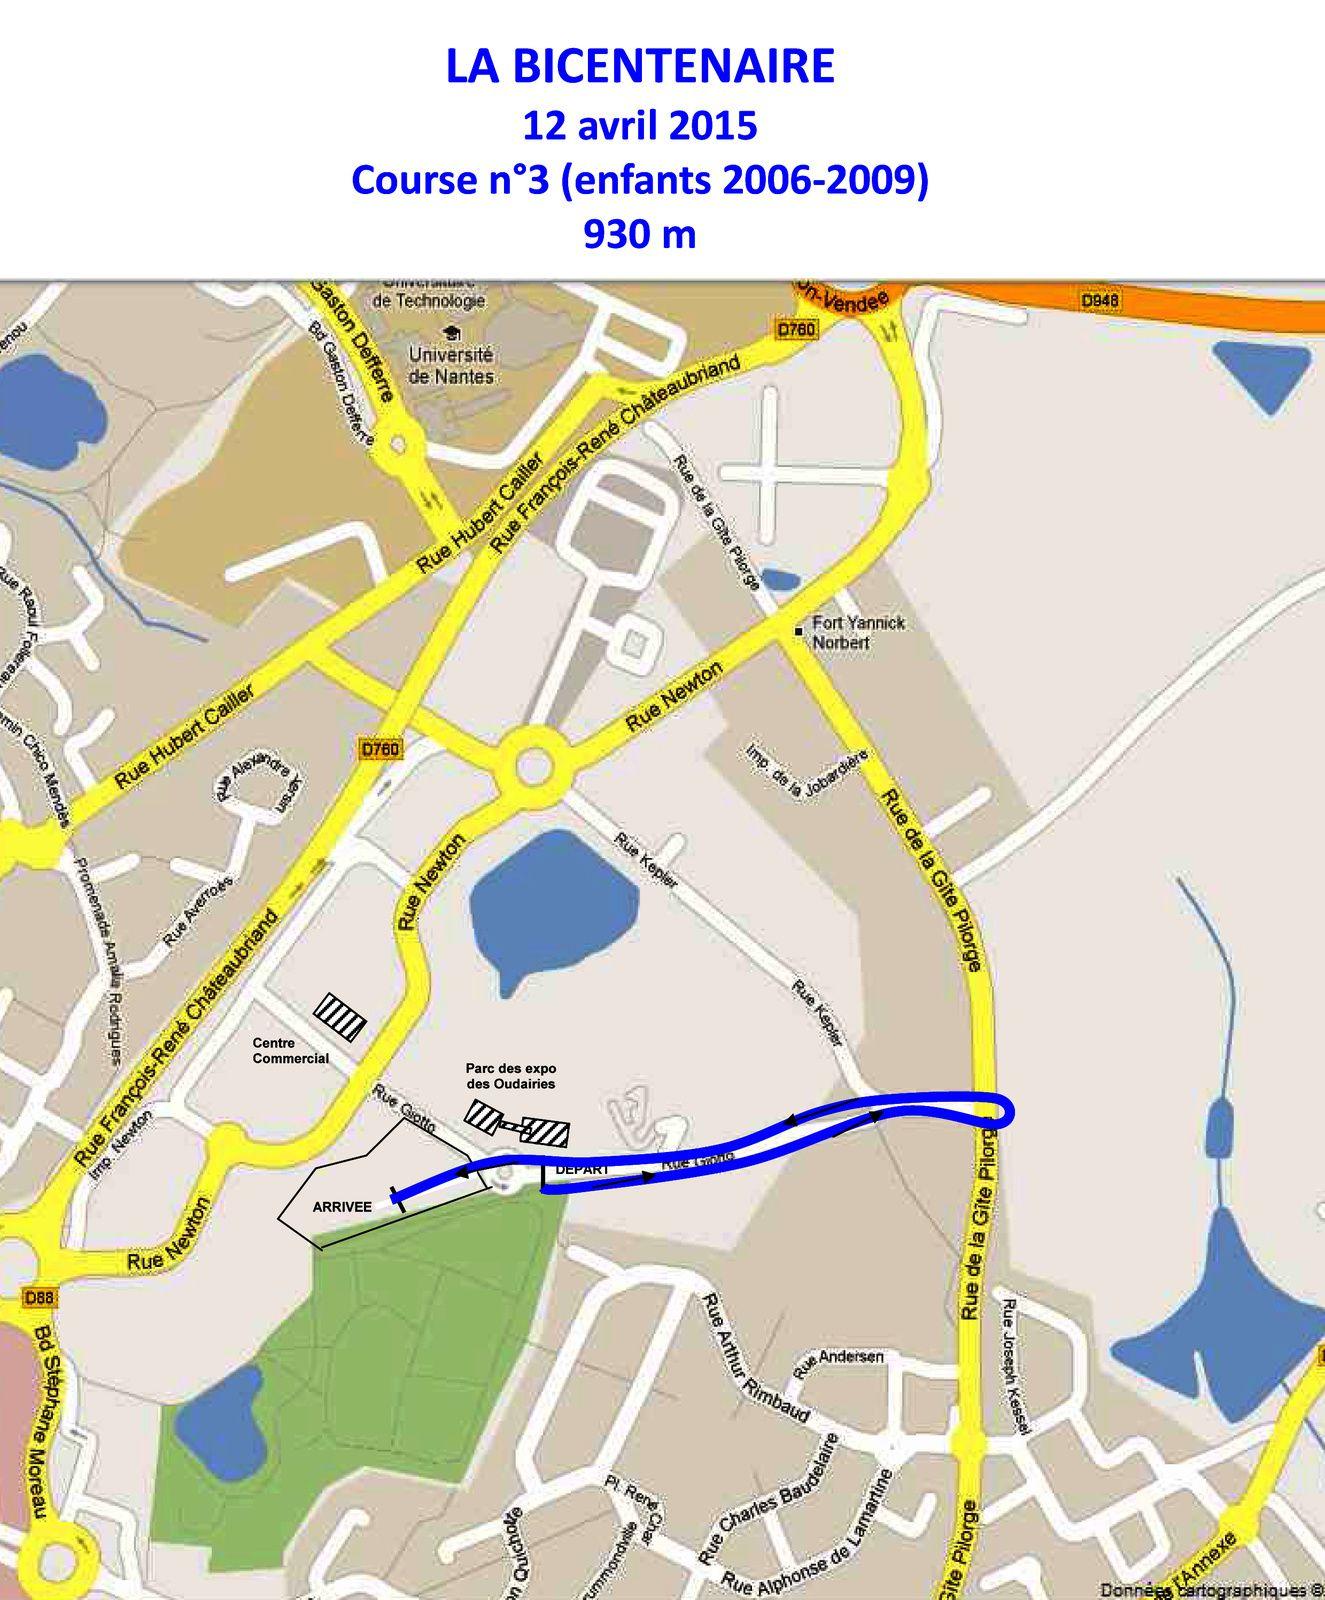 Plan courses Bicentenaire 2015 la Roche-sur-Yon.